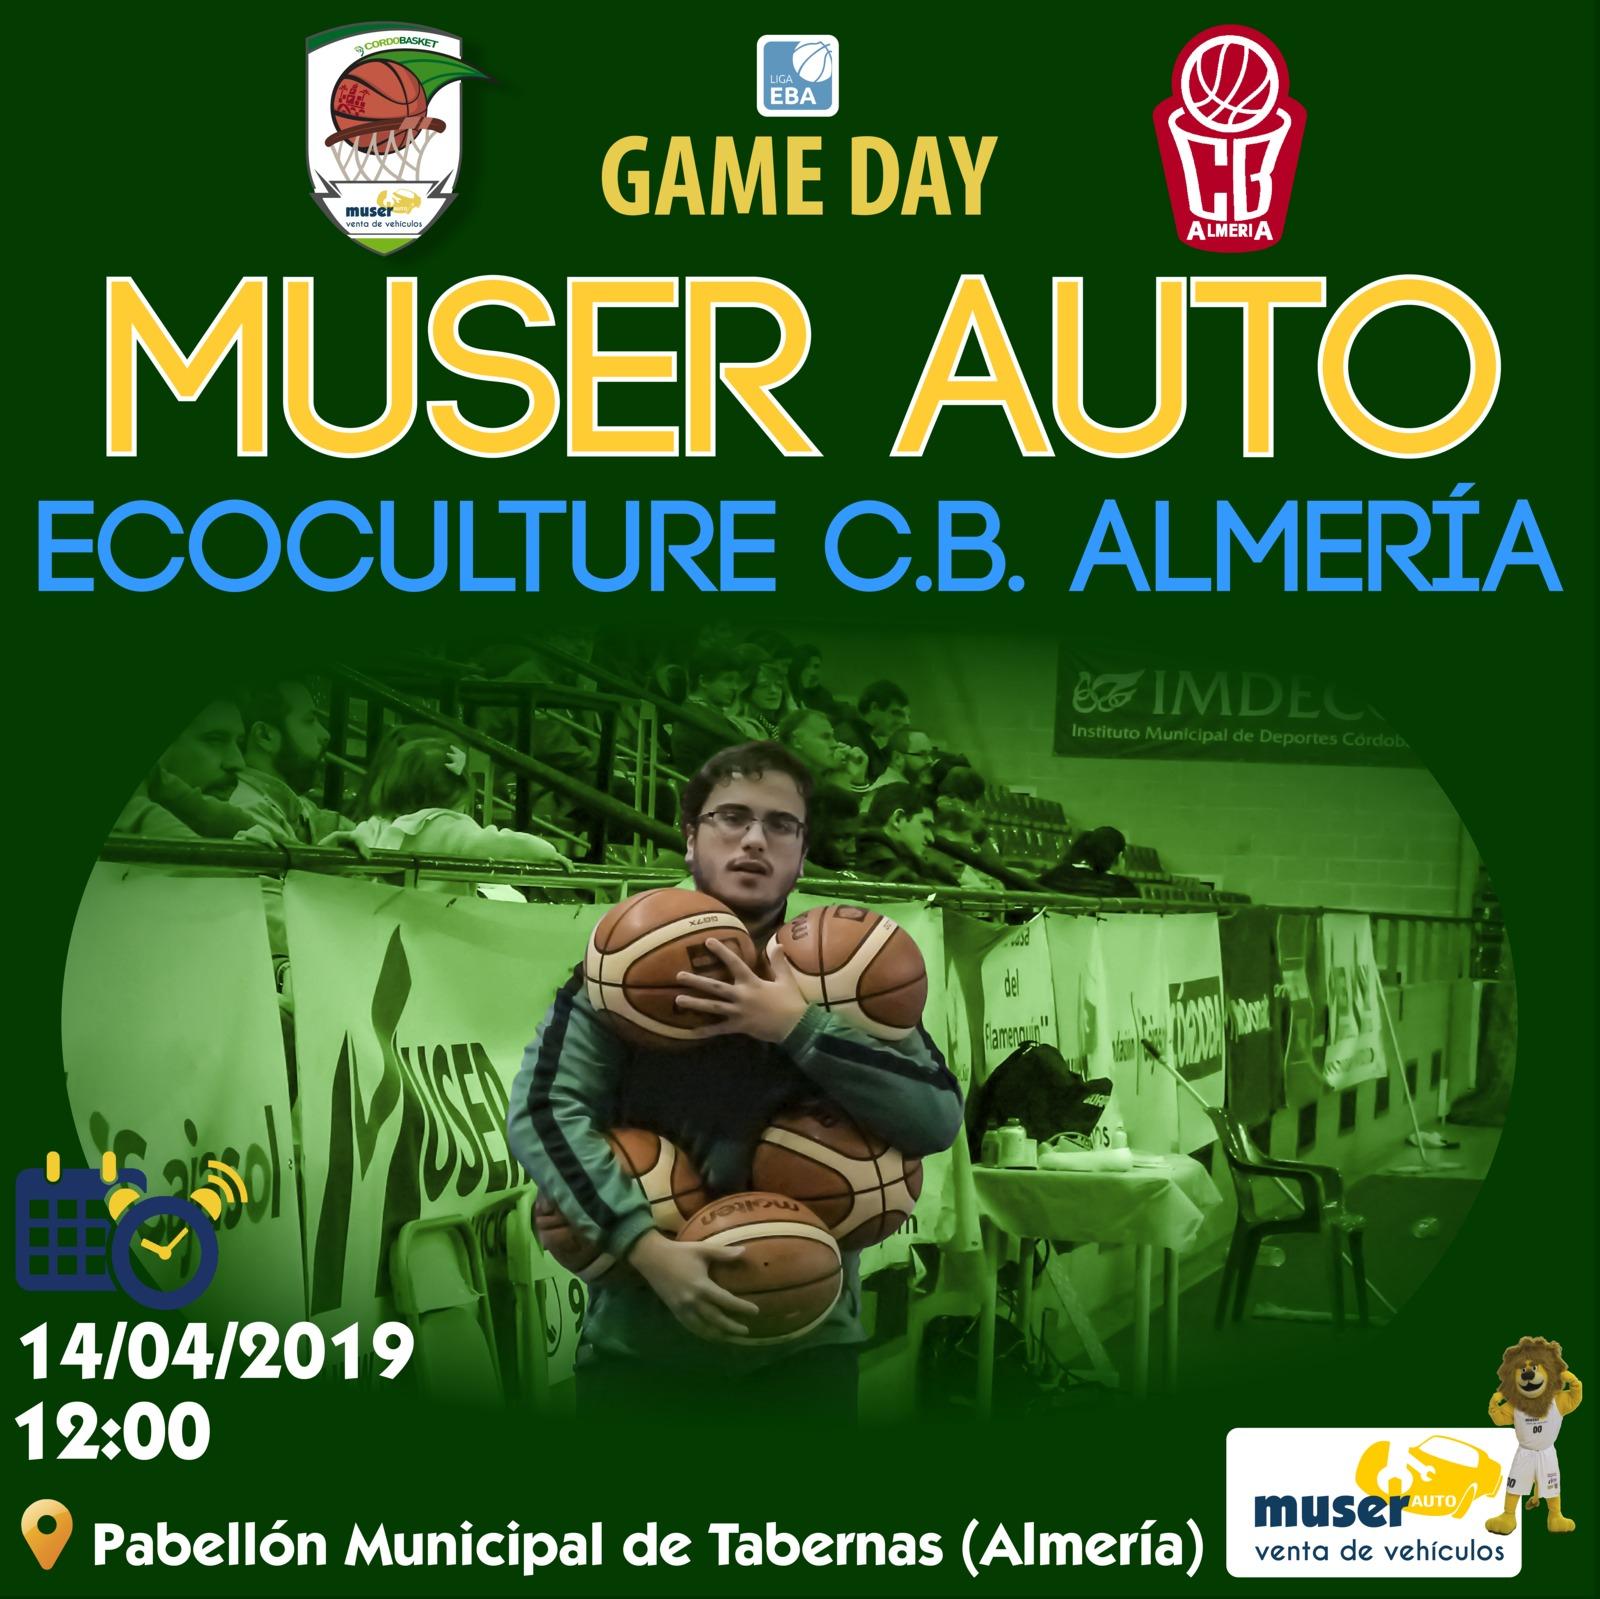 4c26b82fb5 Además, en esta jornada, el combinado califal se tiene que desplazar hasta  tierras urcitanas para jugar en casa del propio CB Almería.